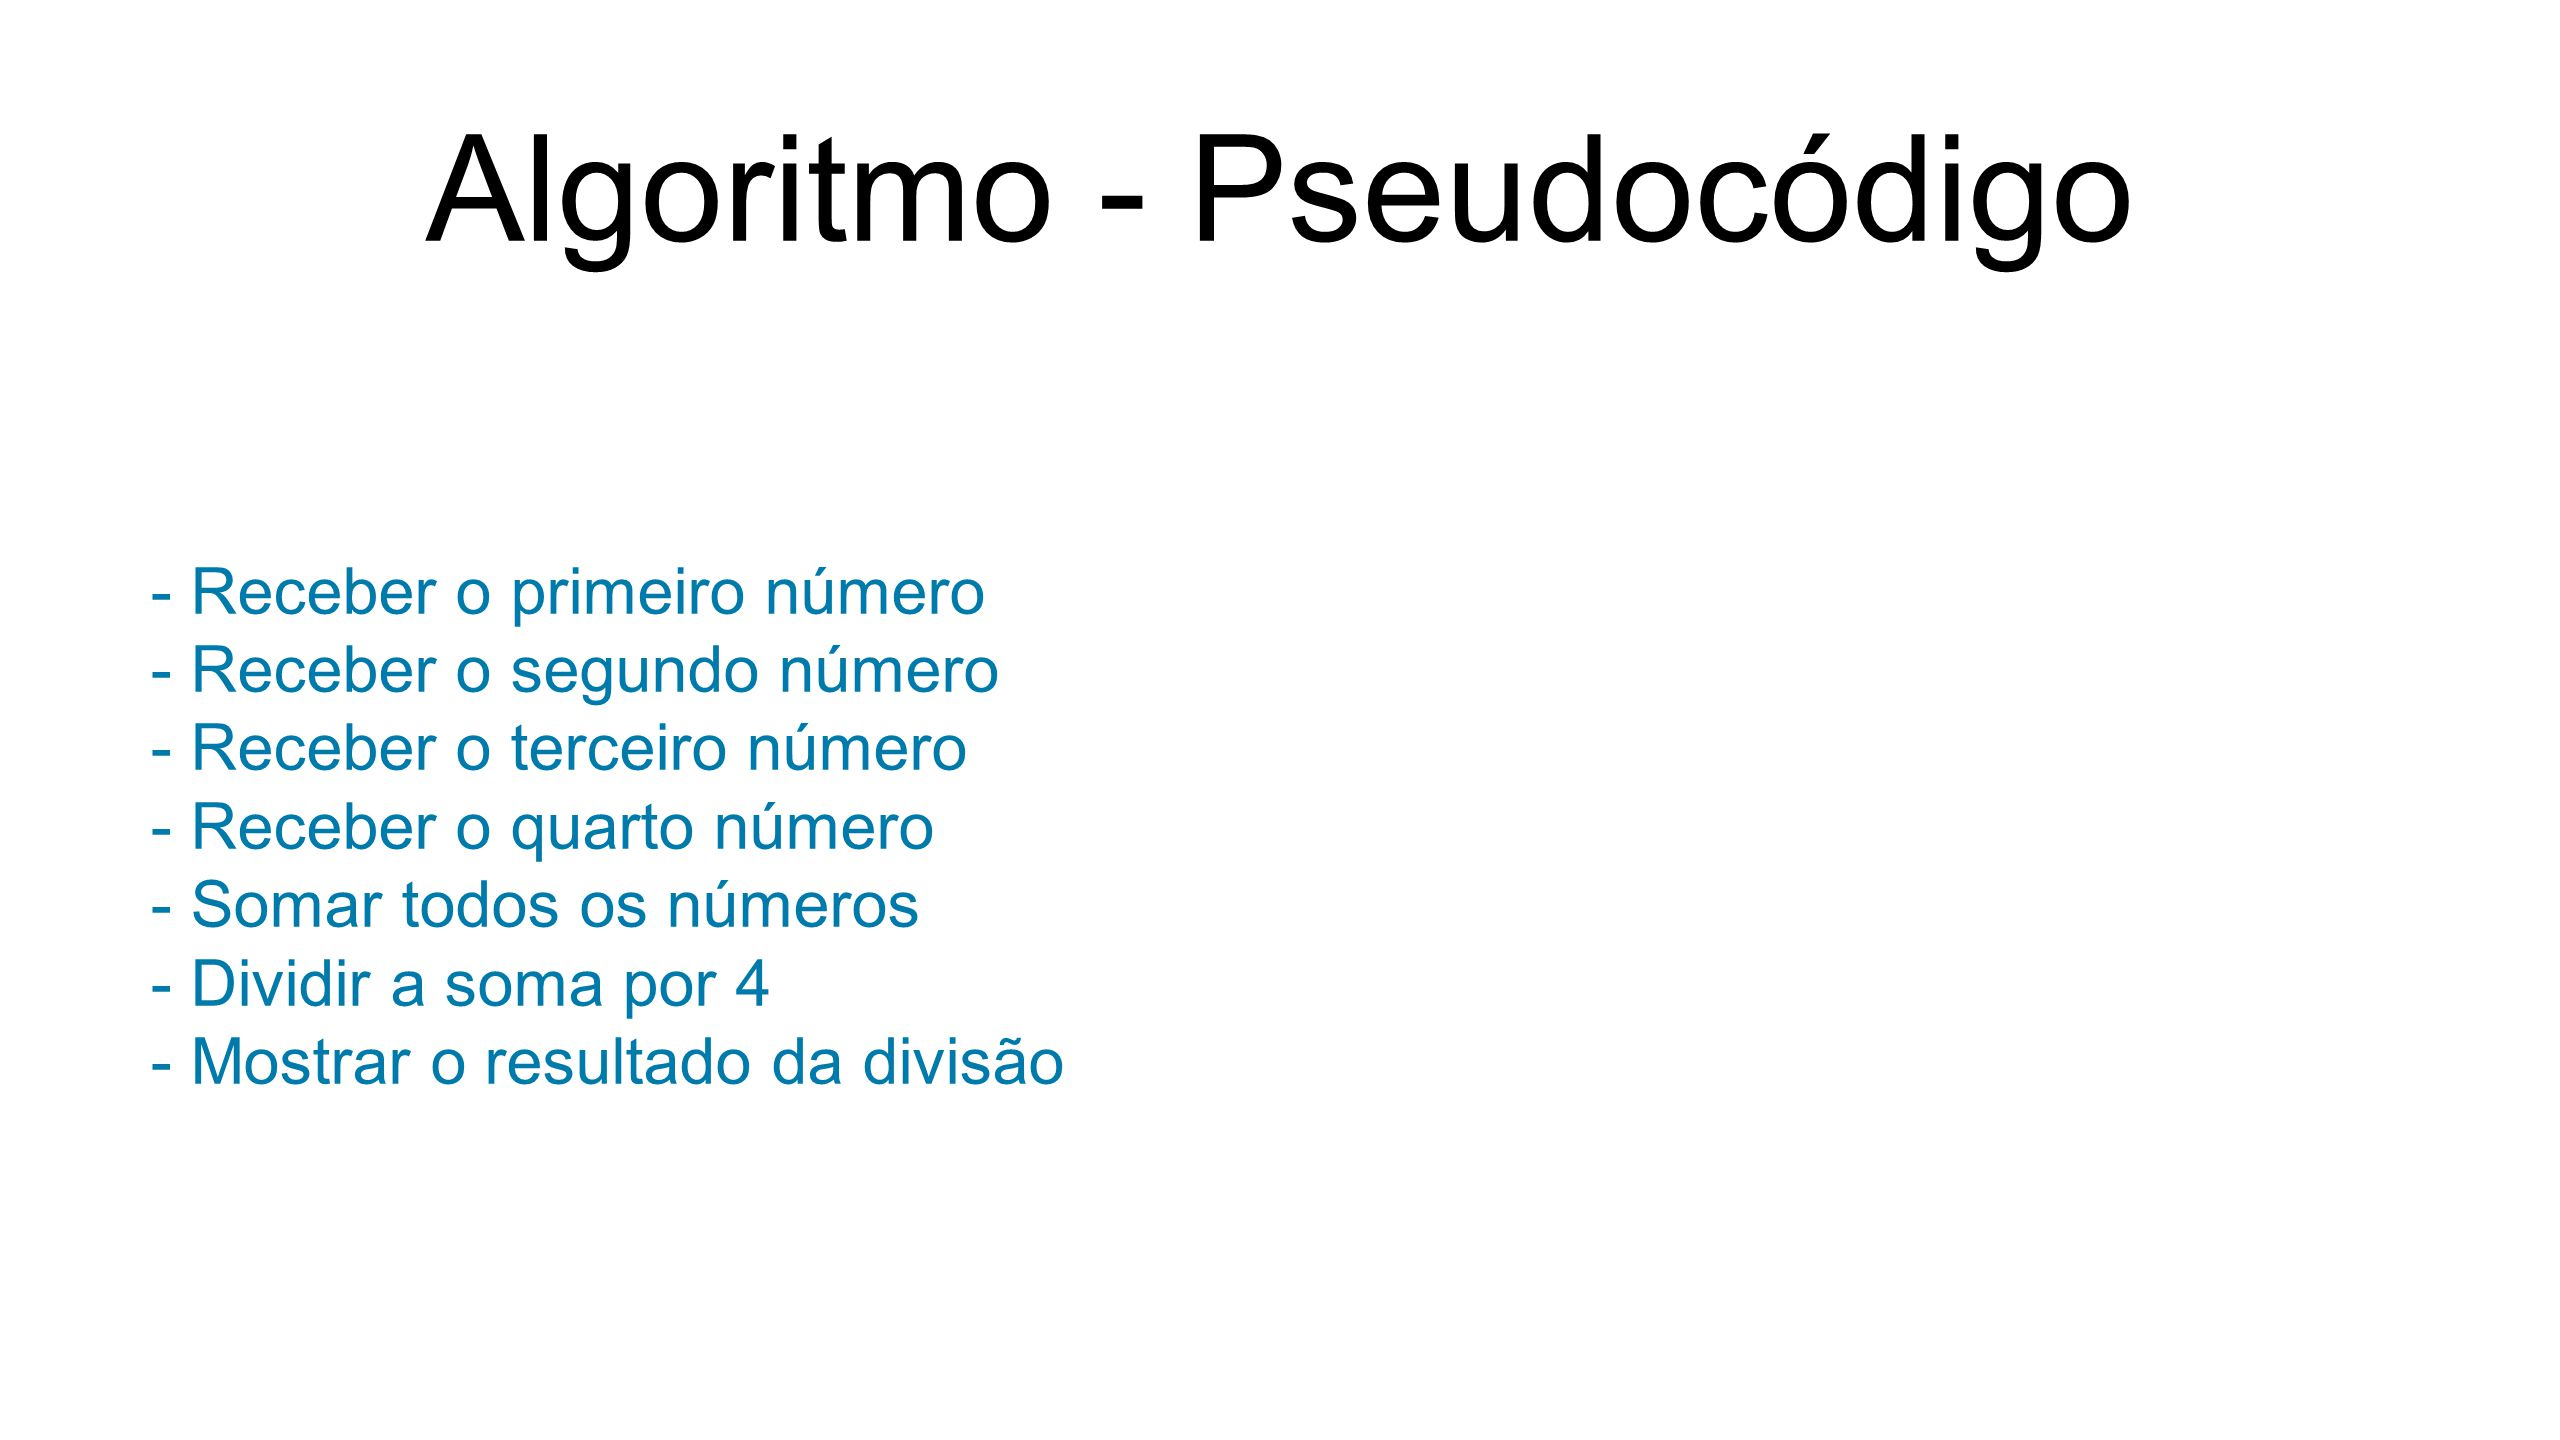 Algoritmo - Pseudocódigo - Receber o primeiro número - Receber o segundo número - Receber o terceiro número - Receber o quarto número - Somar todos os números - Dividir a soma por 4 - Mostrar o resultado da divisão